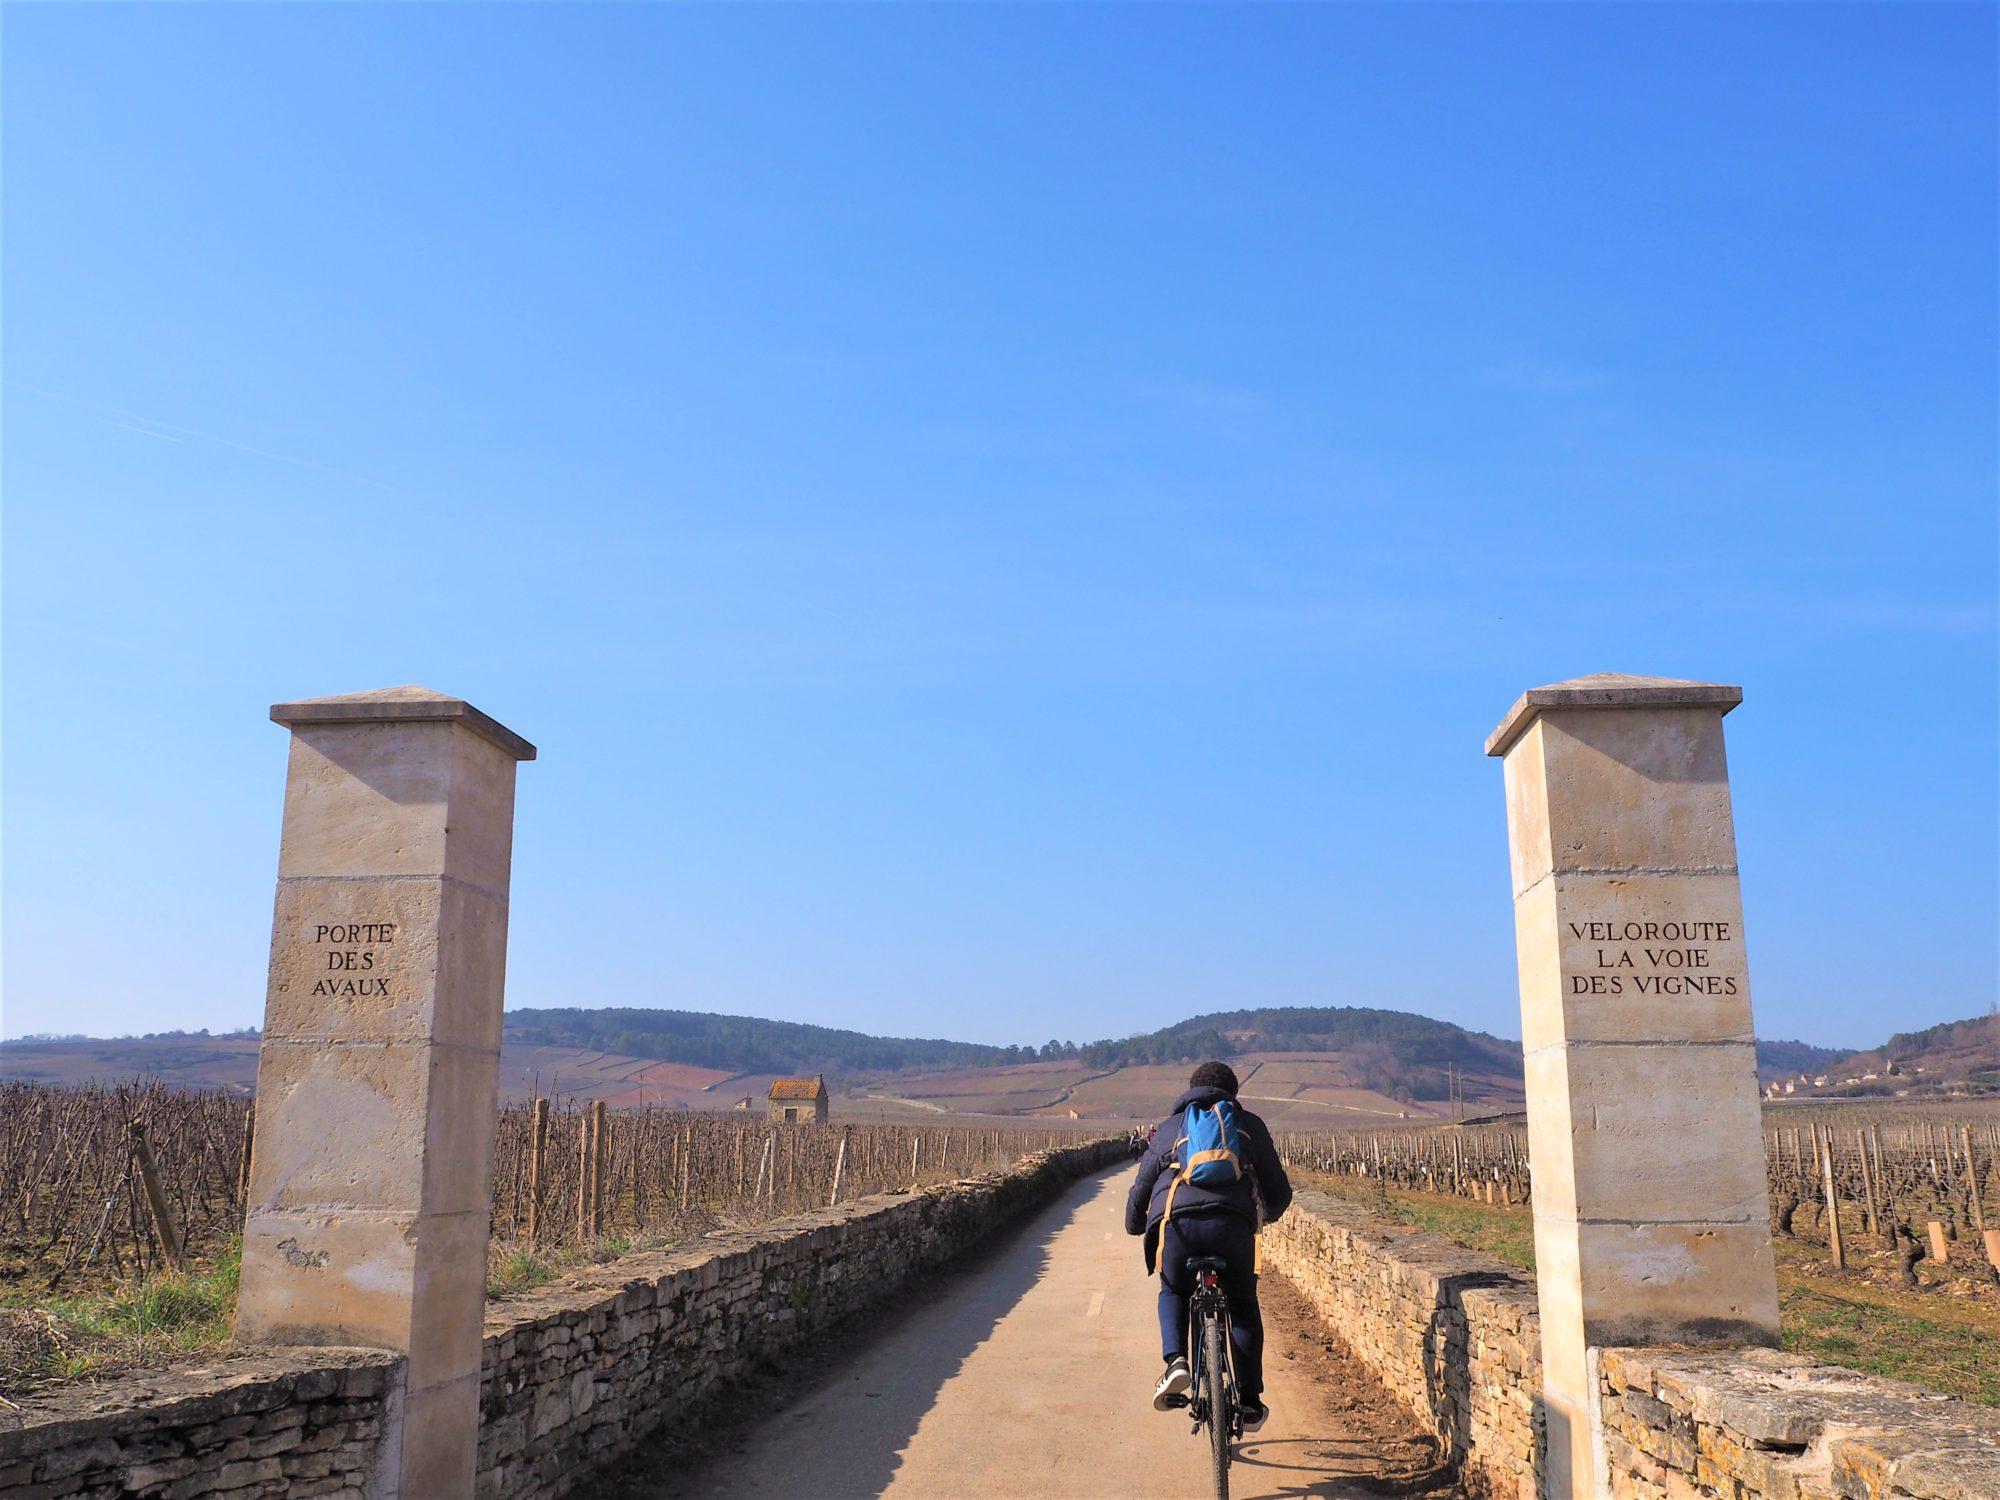 Entrée de la voie des vignes bourgogne, beaune, France clioandco slow travel